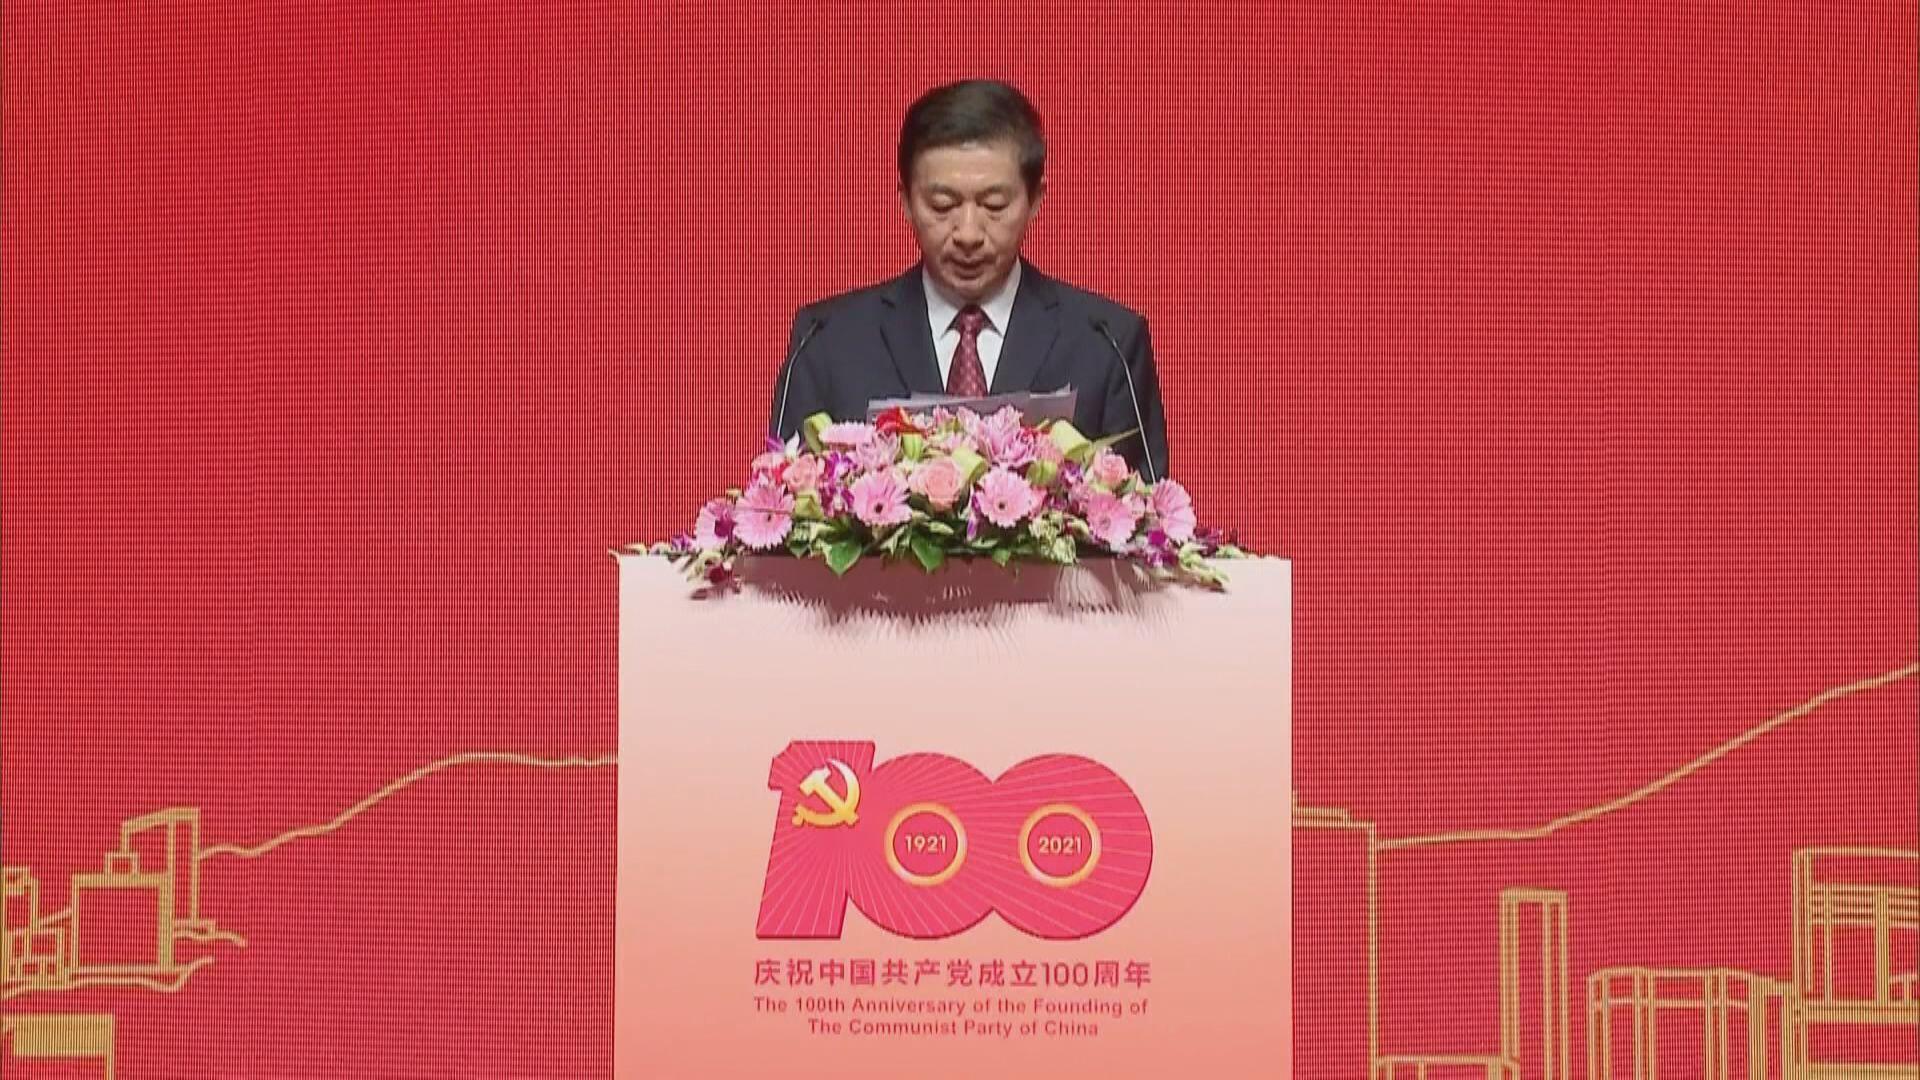 駱惠寧:叫囂結束一黨專政的人是香港繁榮真正大敵